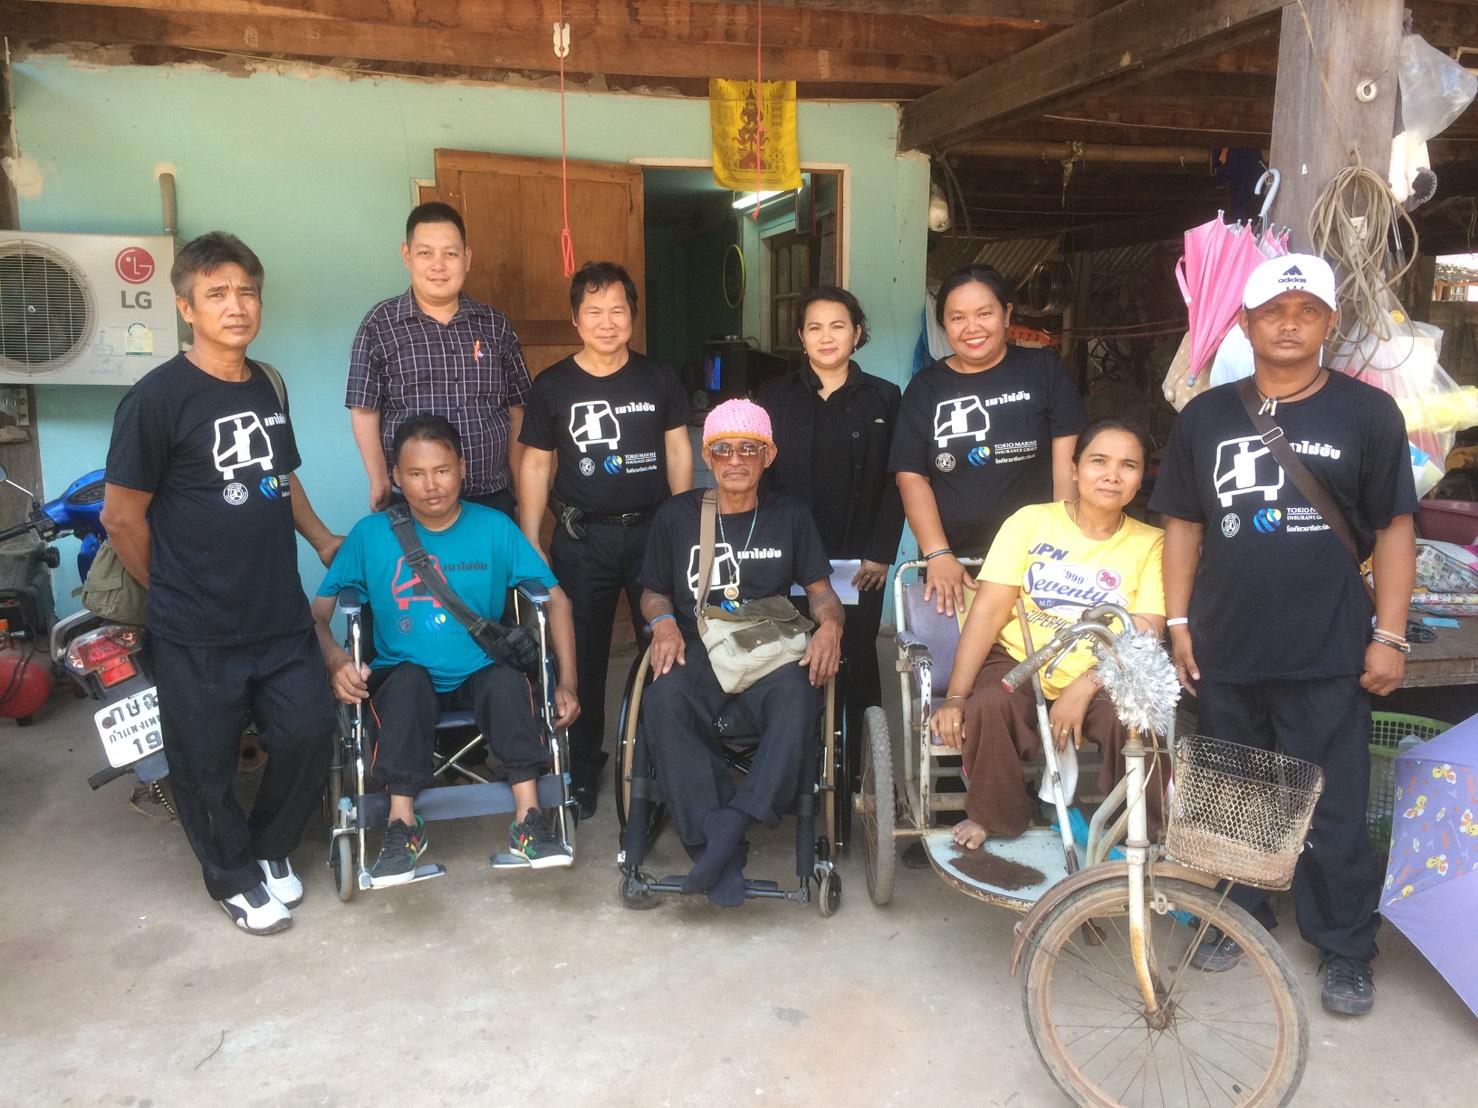 ตรวจสอบสิทธิคนพิการตามมาตรา 35 แห่งพระราชบัญญัติส่งเสริมและพัฒนาคุณภาพชีวิตคนพิการพ.ศ.2550